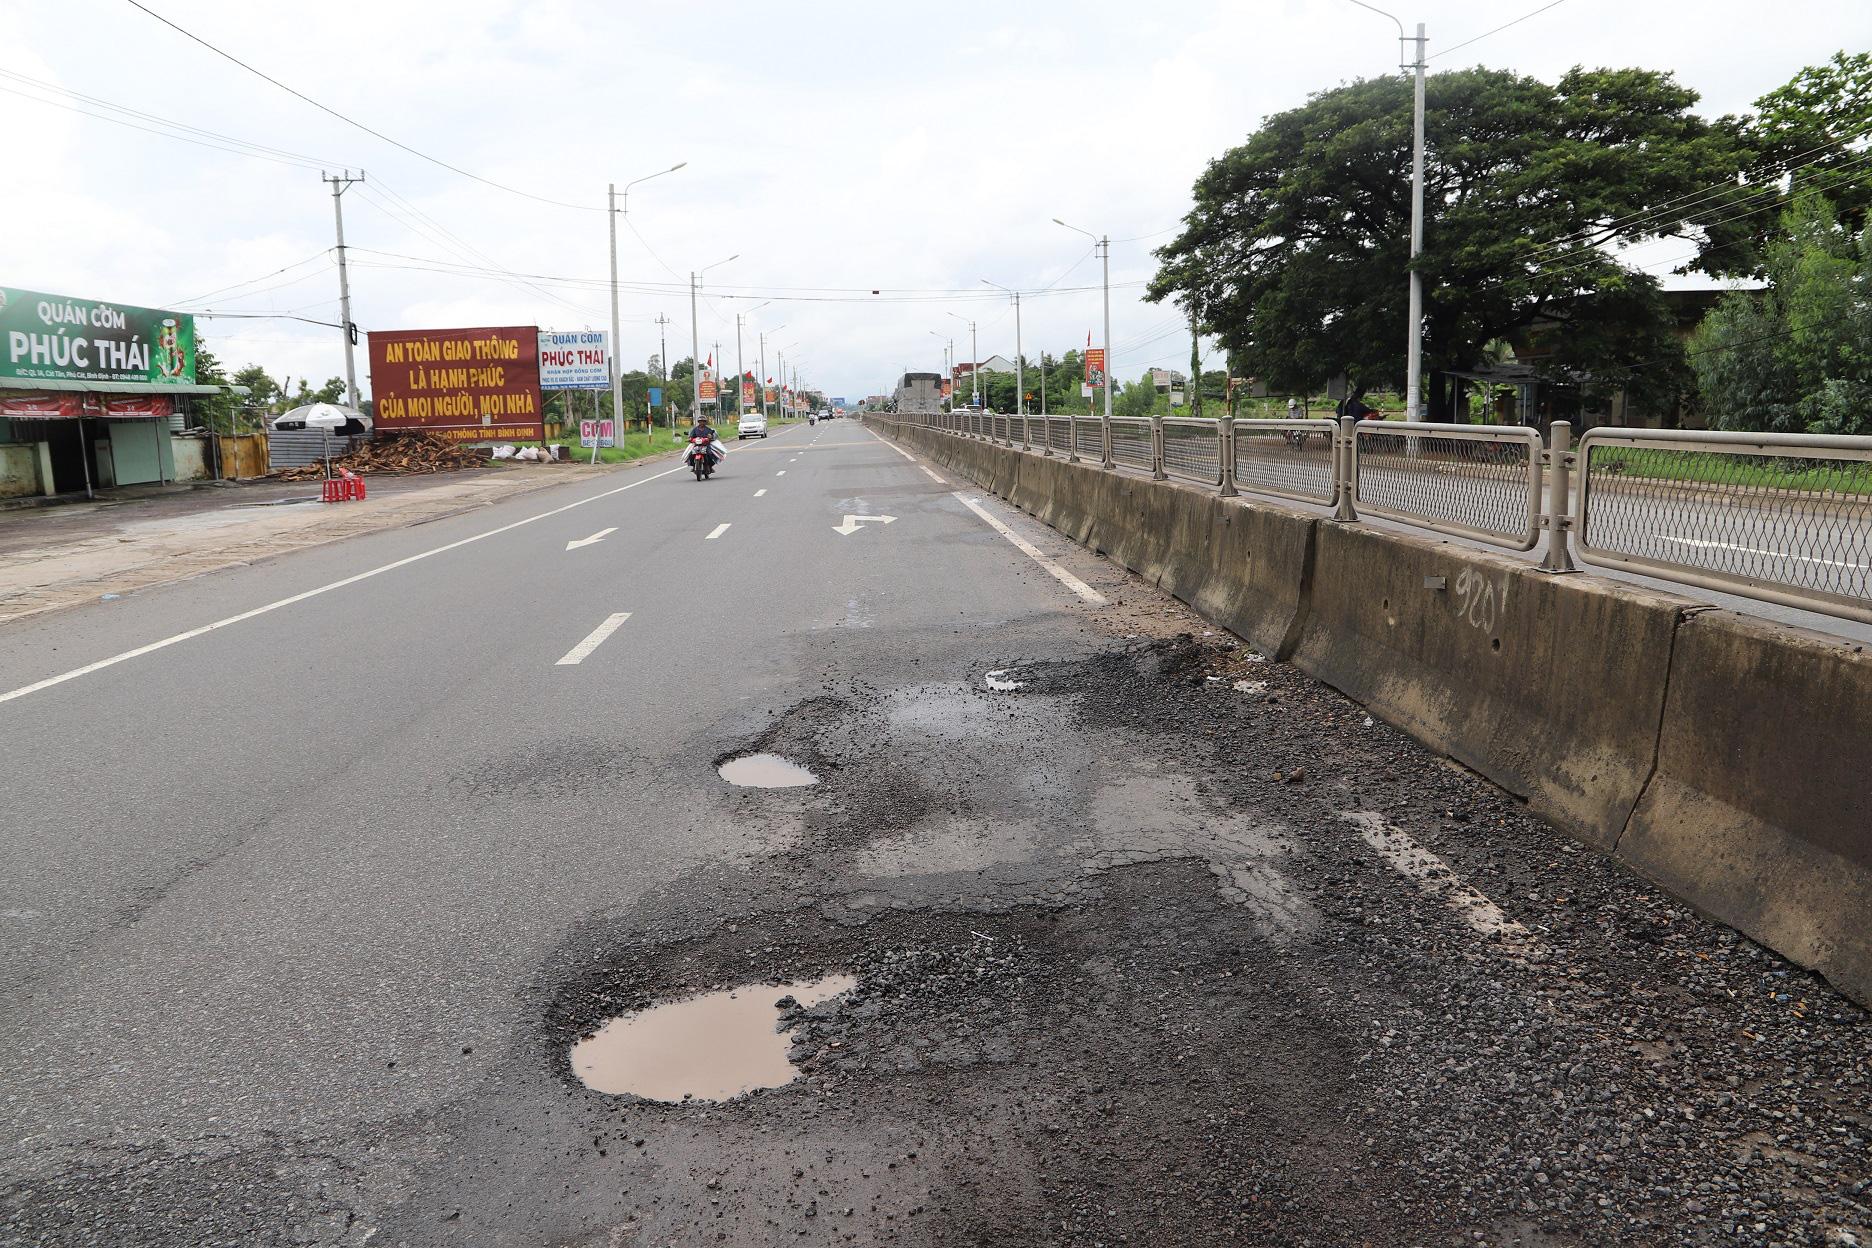 """Quốc lộ 1 ở Bình Định, từng bị gọi là đoạn đường """"xấu nhất Việt Nam""""… xuất hiện """"ổ voi, ổ gà""""  - Ảnh 6."""